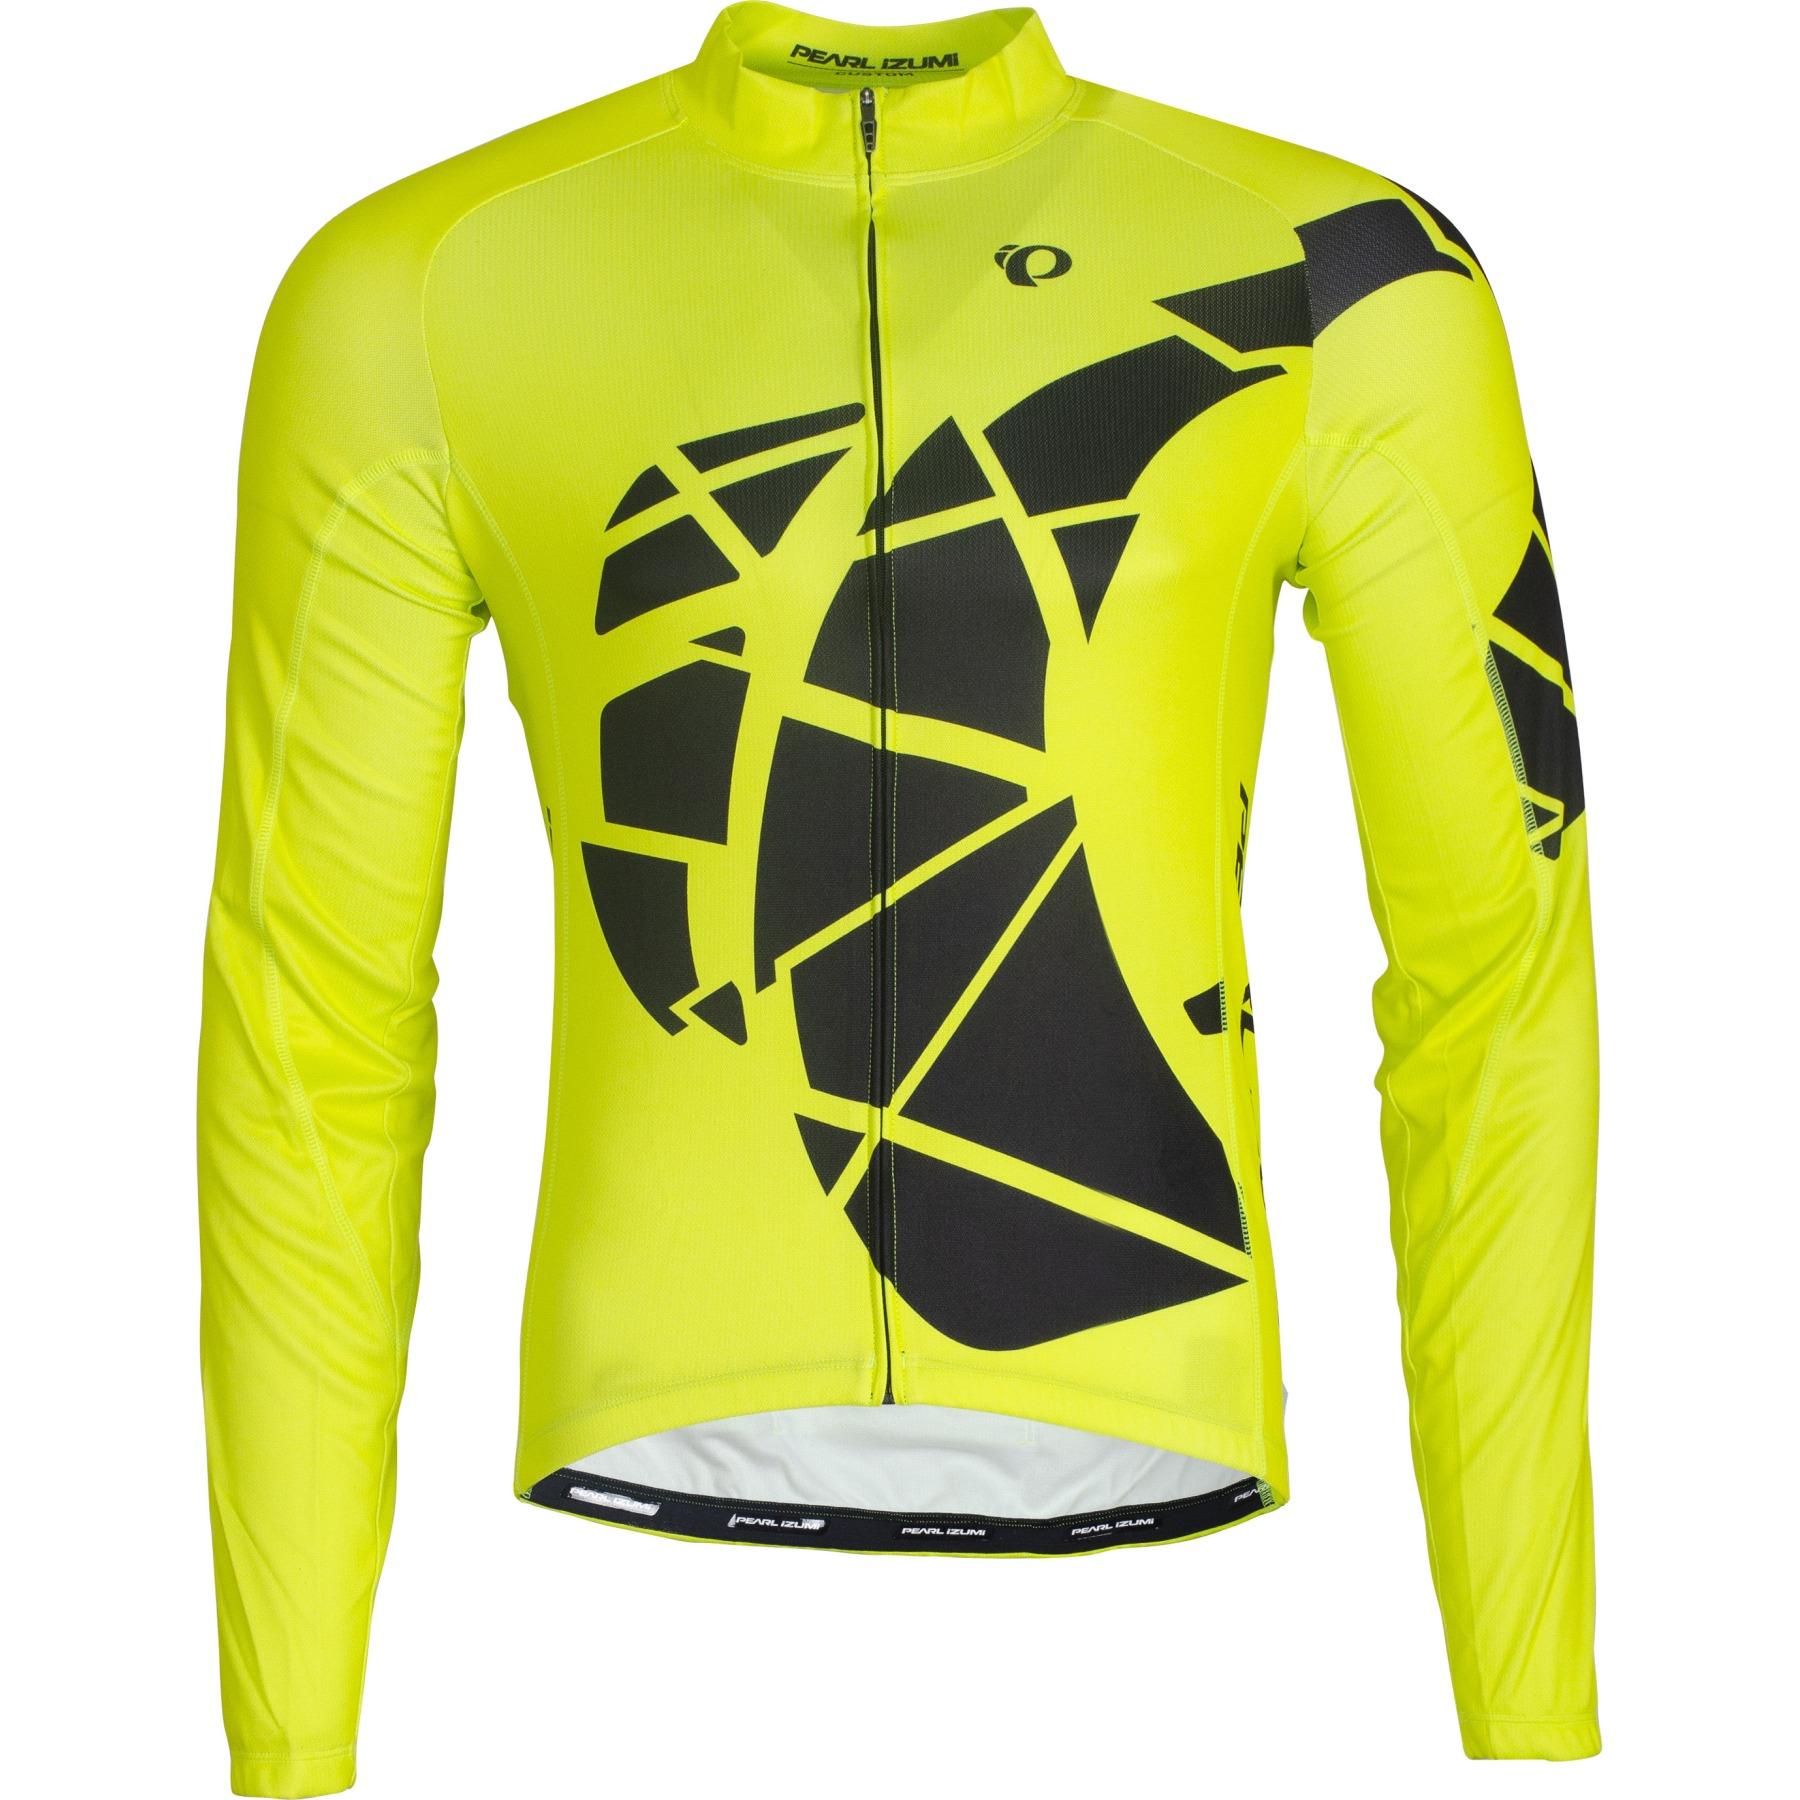 Produktbild von PEARL iZUMi Men's ELITE LTD Thermal Langarmtrikot 21121858 - big ip screaming yellow/black - GOP